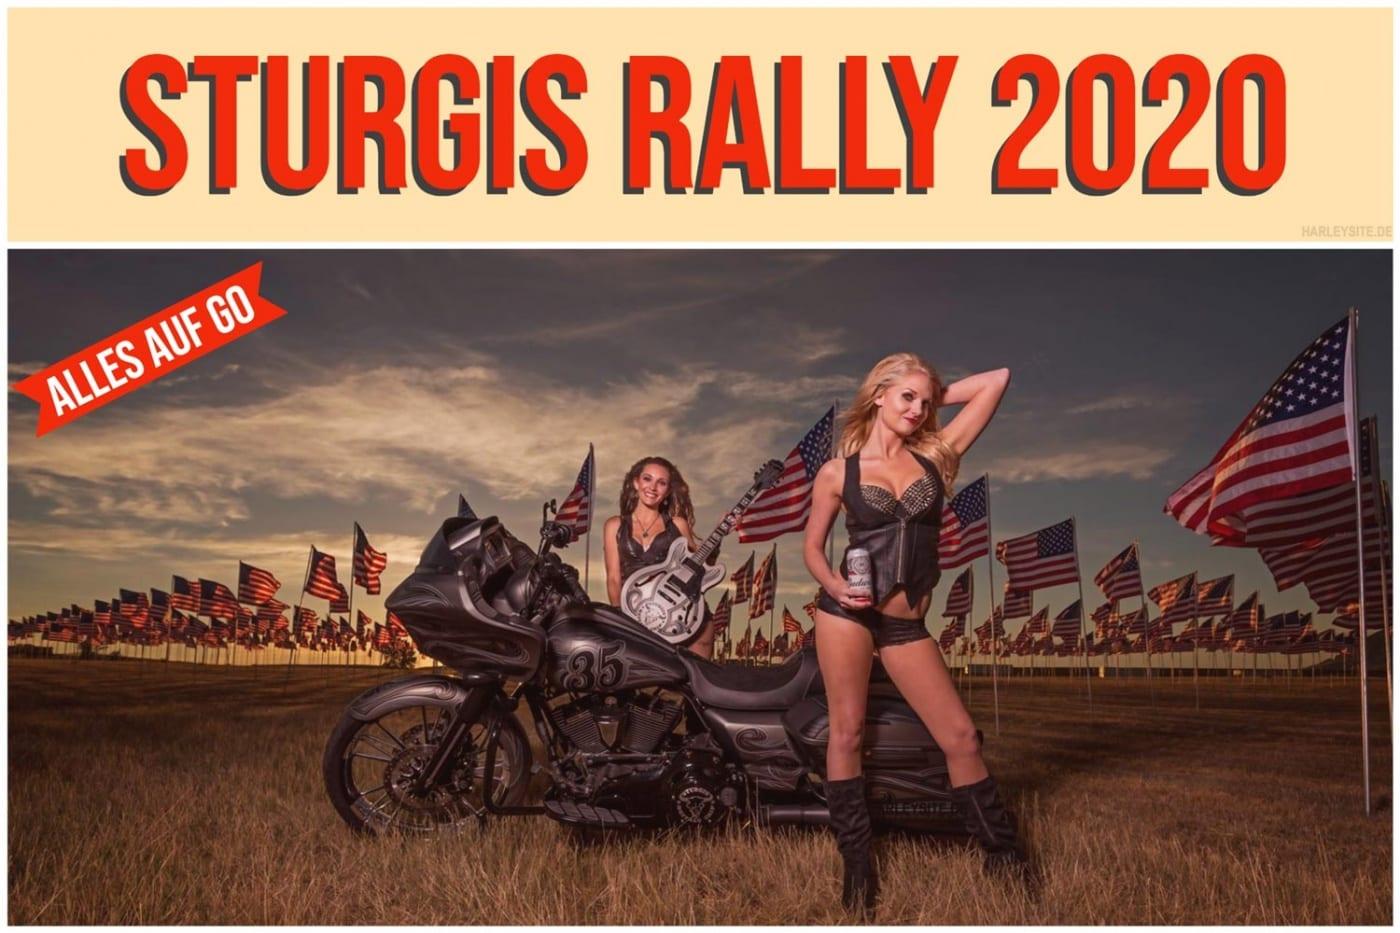 STURGIS RALLY USA